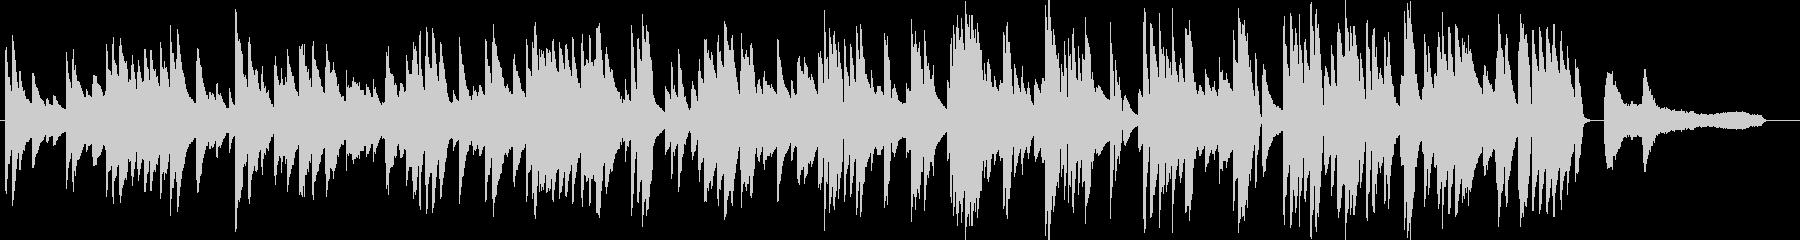 お洒落な動画に合うジャジーなピアノ8の未再生の波形